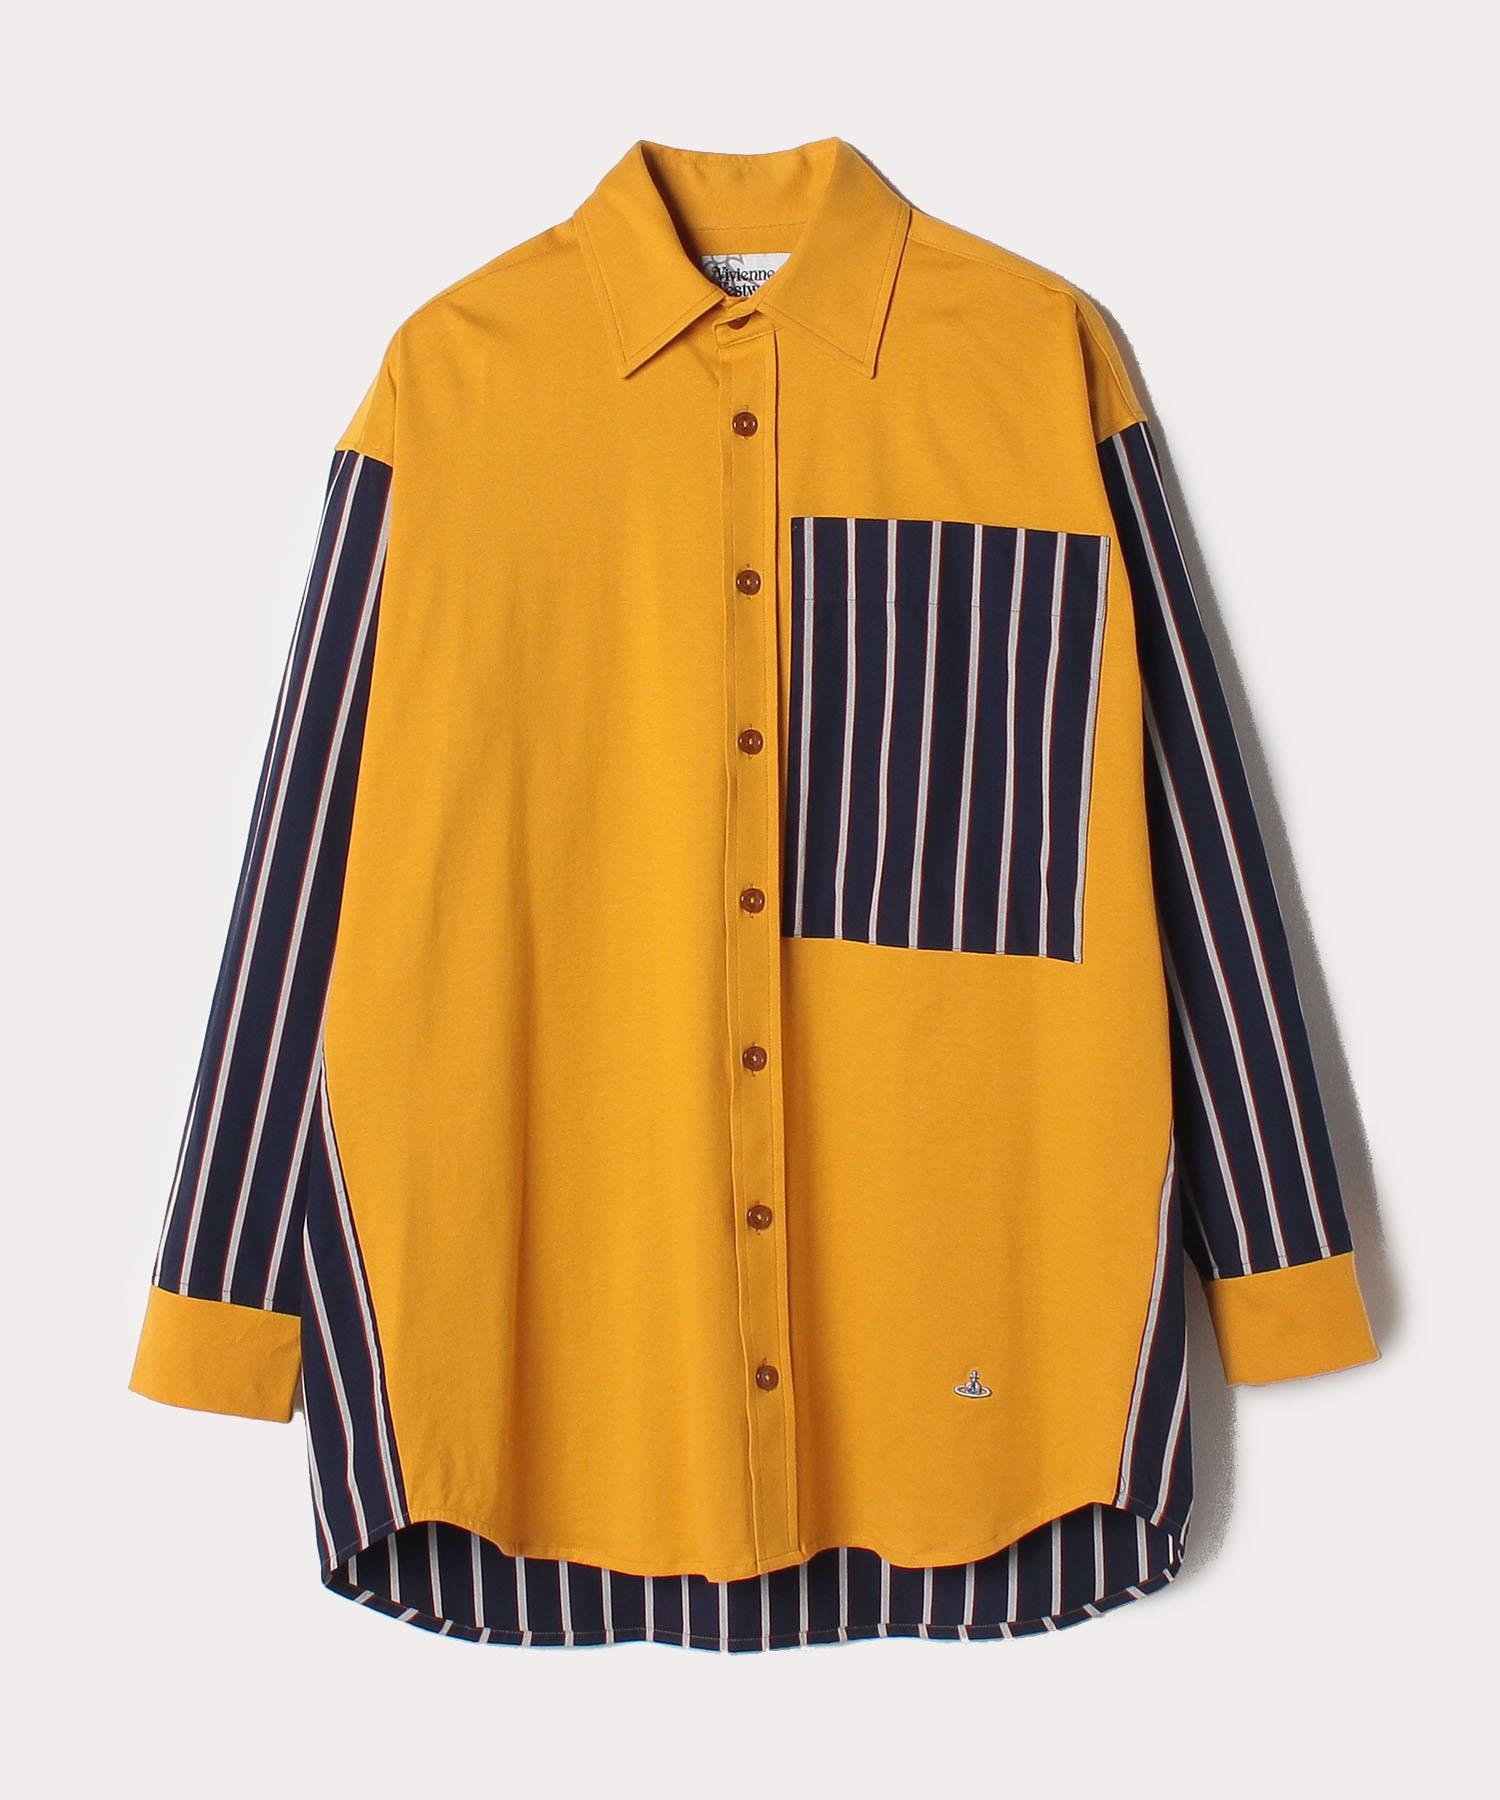 ストライプコントラスト ビッグシャツ